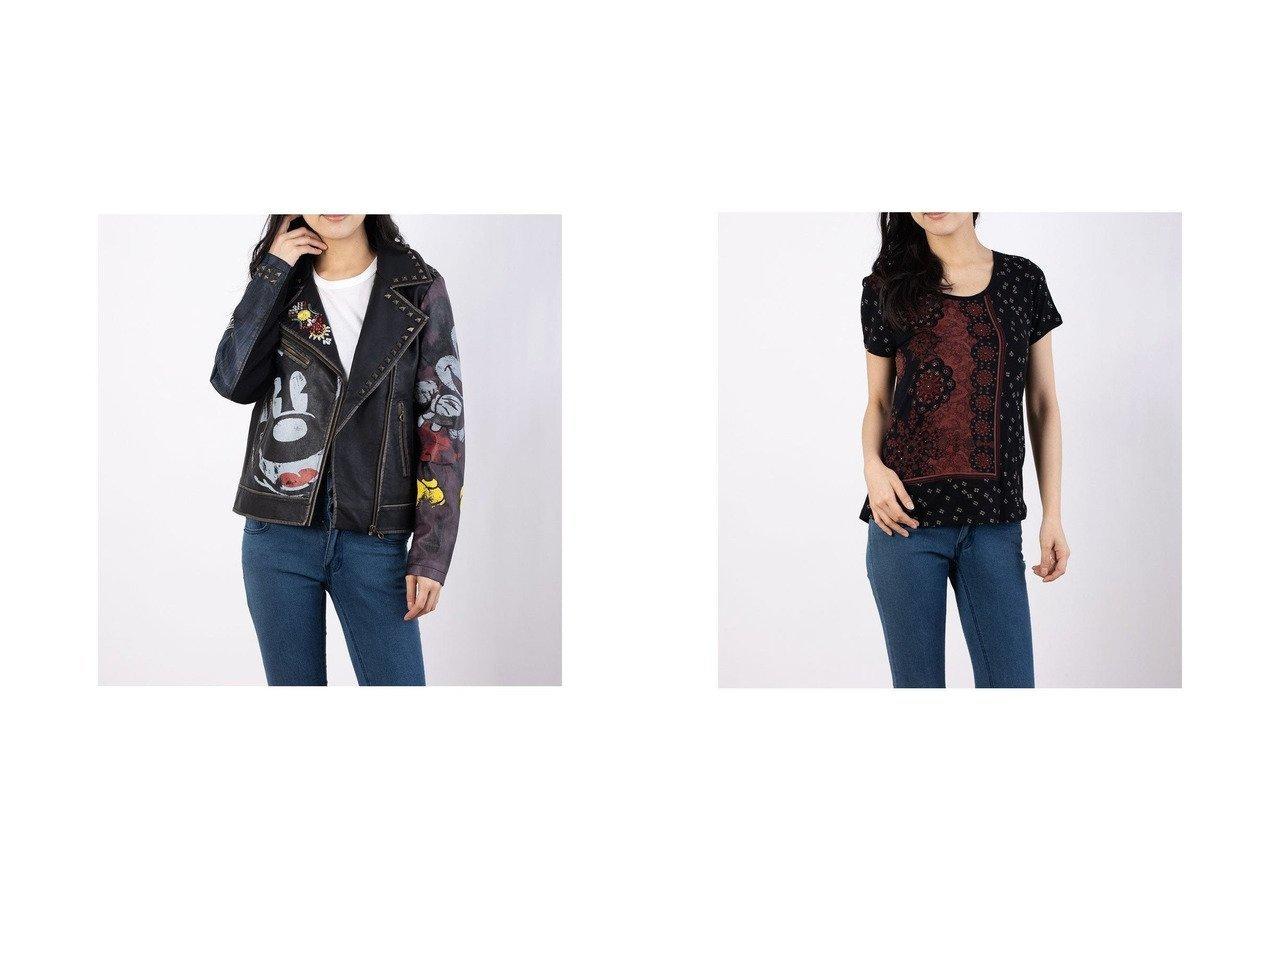 【Desigual/デシグアル】のコート COVENT GARDEN&Tシャツ半袖 ESTAMBUL Desigualのおすすめ!人気、トレンド・レディースファッションの通販 おすすめで人気の流行・トレンド、ファッションの通販商品 メンズファッション・キッズファッション・インテリア・家具・レディースファッション・服の通販 founy(ファニー) https://founy.com/ ファッション Fashion レディースファッション WOMEN アウター Coat Outerwear コート Coats トップス Tops Tshirt シャツ/ブラウス Shirts Blouses ロング / Tシャツ T-Shirts 2021年 2021 2021 春夏 S/S SS Spring/Summer 2021 S/S 春夏 SS Spring/Summer クール ジャケット スタッズ プリント 春 Spring |ID:crp329100000019765